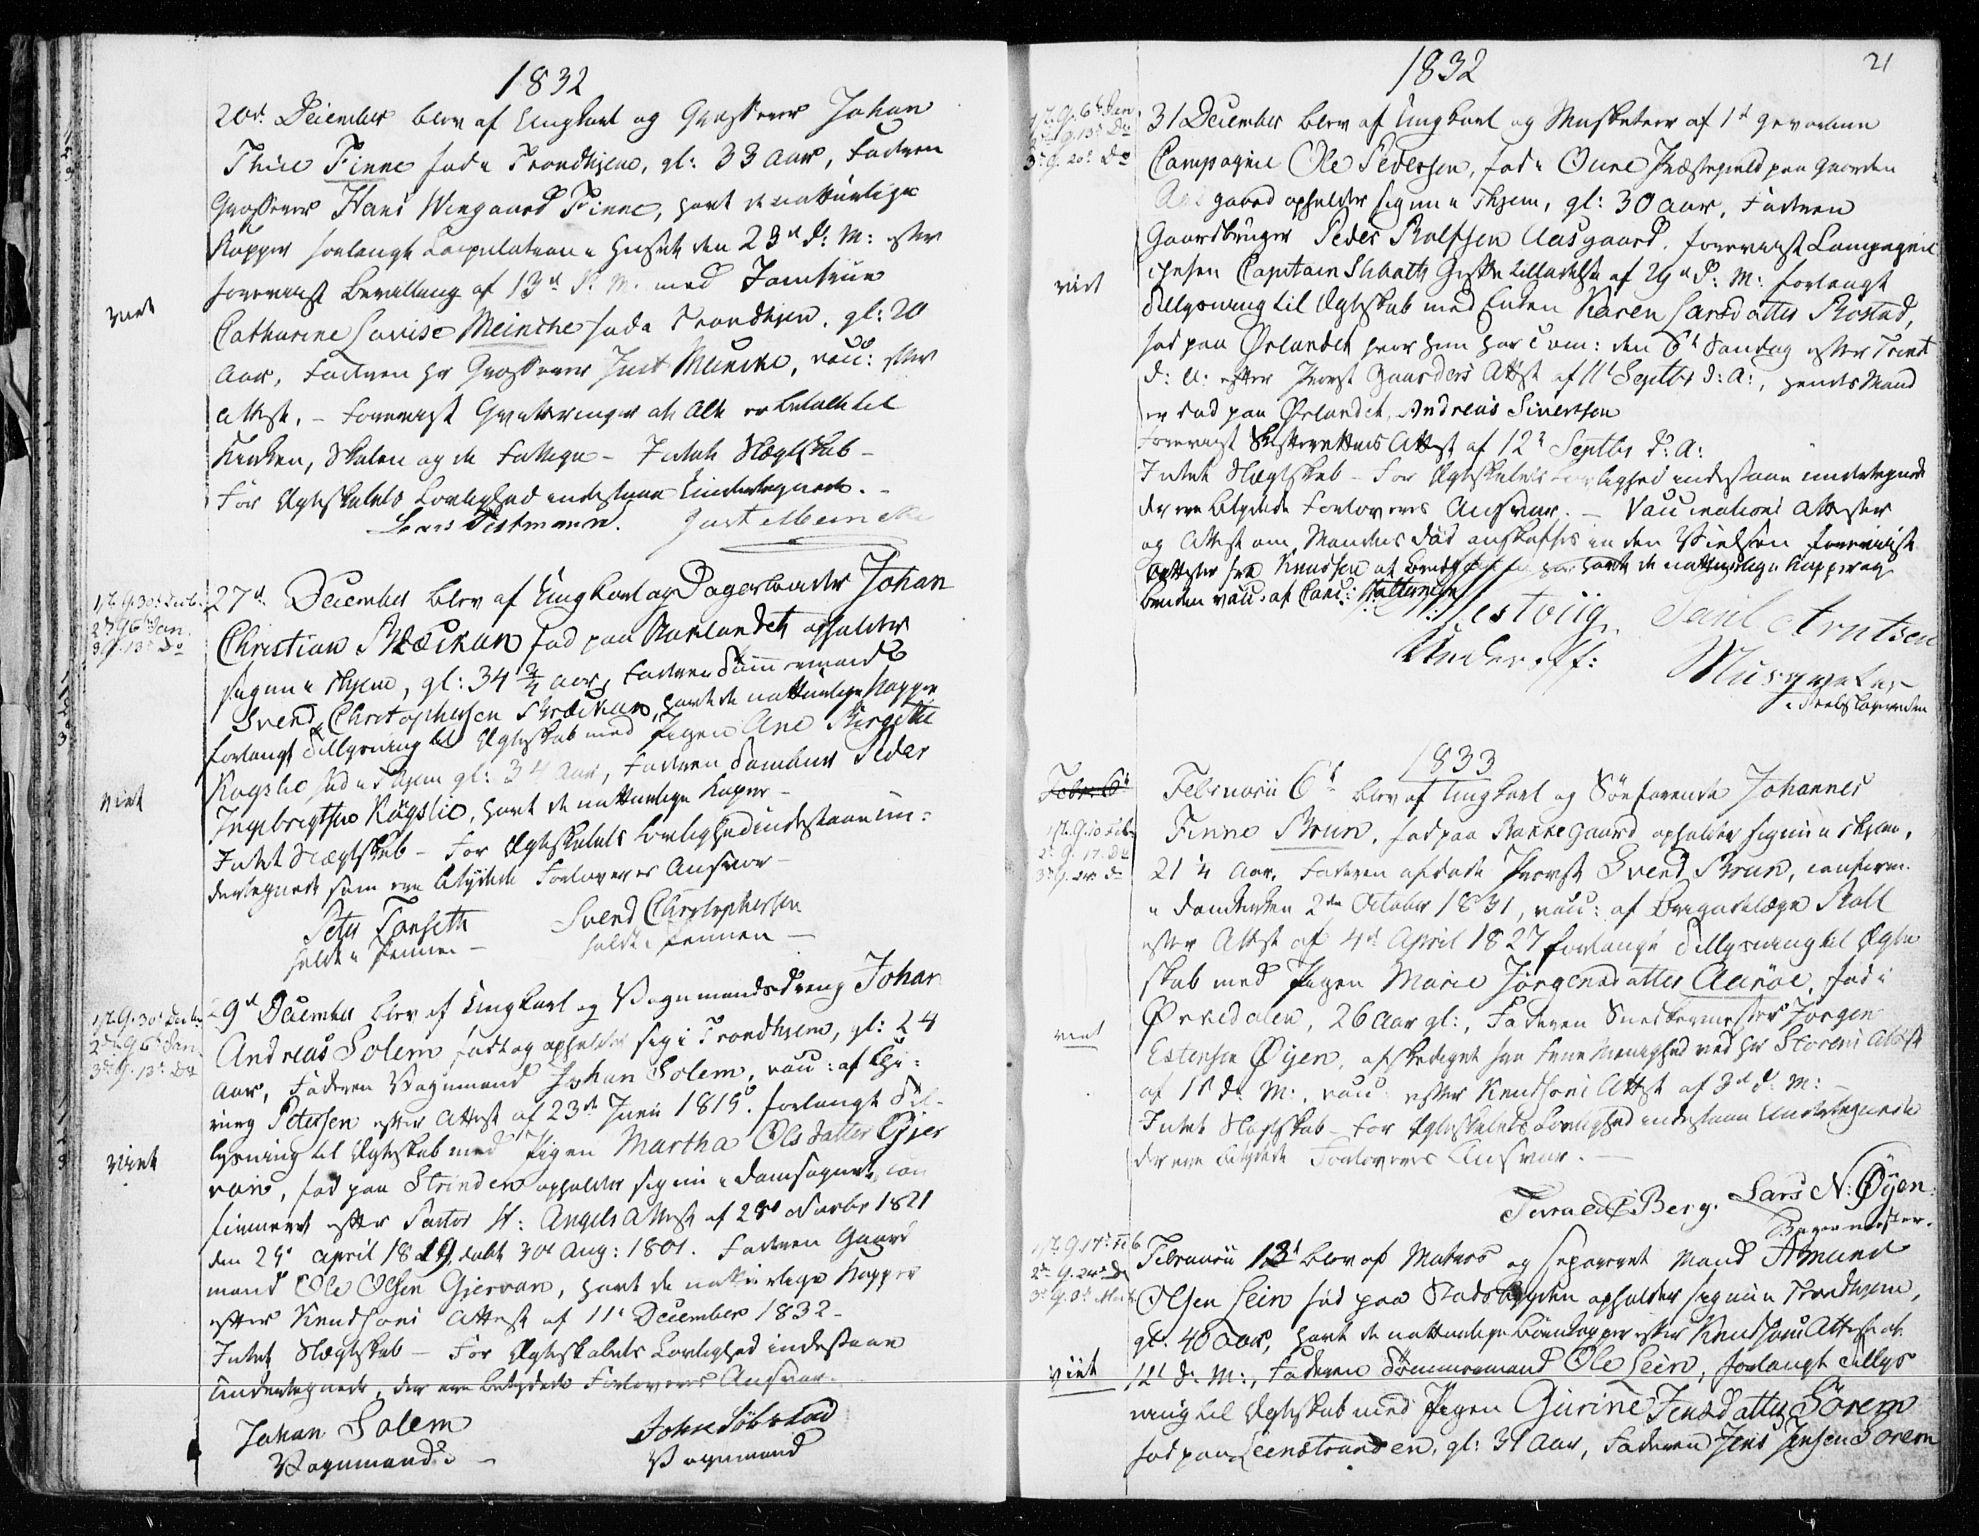 SAT, Ministerialprotokoller, klokkerbøker og fødselsregistre - Sør-Trøndelag, 601/L0046: Ministerialbok nr. 601A14, 1830-1841, s. 21